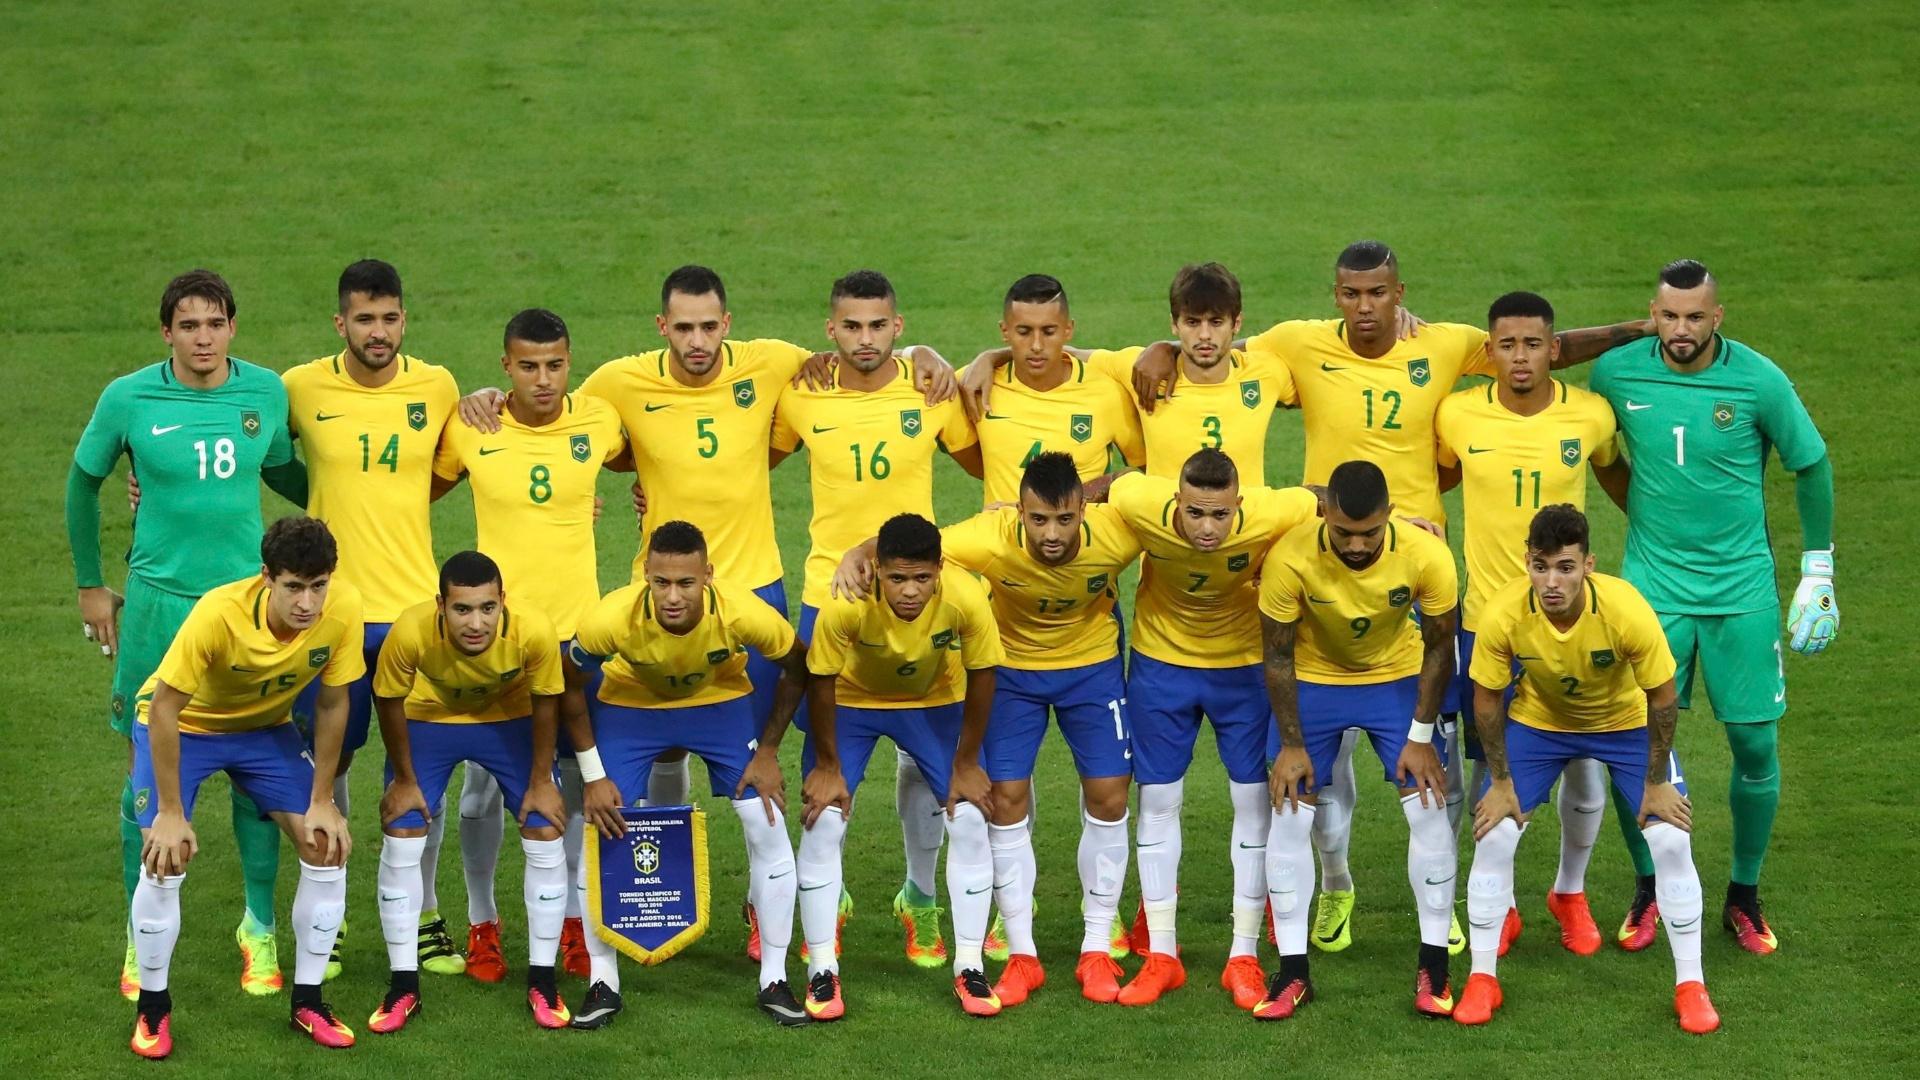 Seleção brasileira busca o ouro inédito diante da Alemanha, no Maracanã